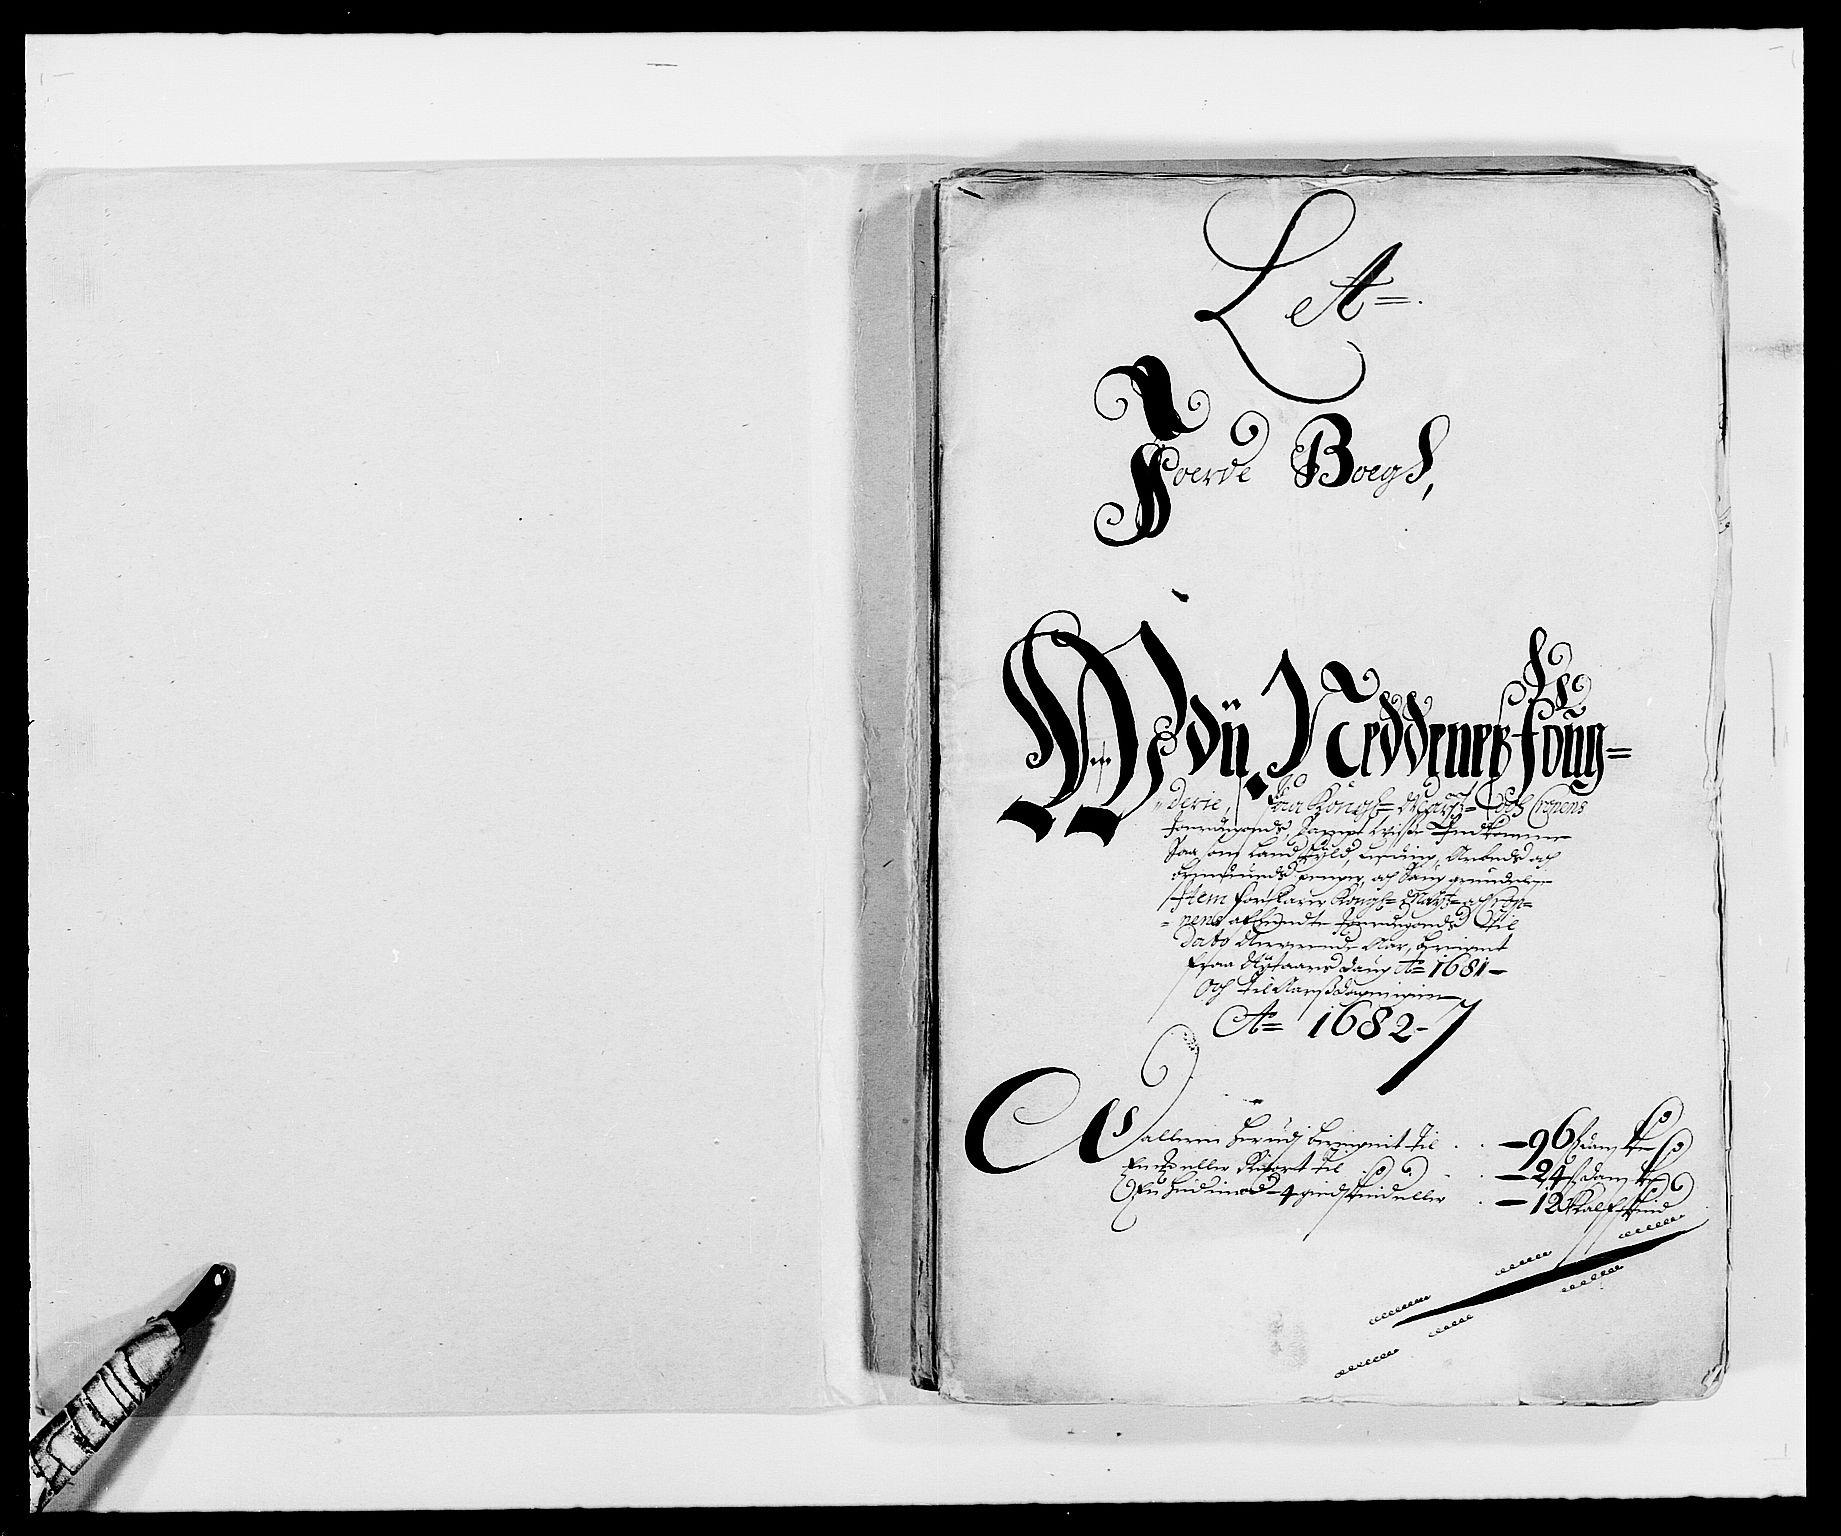 RA, Rentekammeret inntil 1814, Reviderte regnskaper, Fogderegnskap, R39/L2304: Fogderegnskap Nedenes, 1680-1682, s. 148